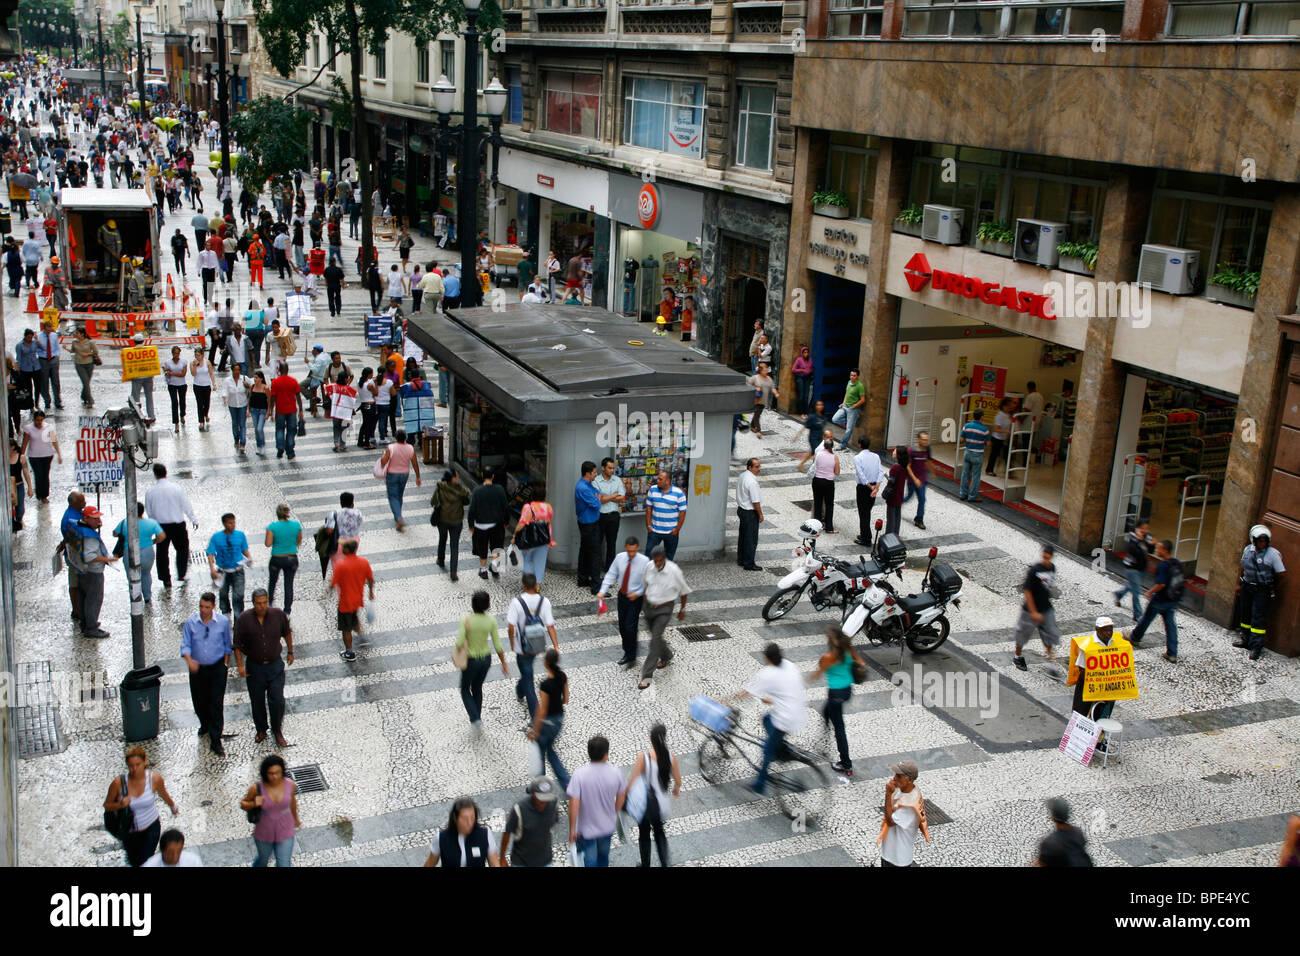 La gente che camminava su un carrello della strada pedonale nel centro di Sao Paulo, Brasile. Immagini Stock